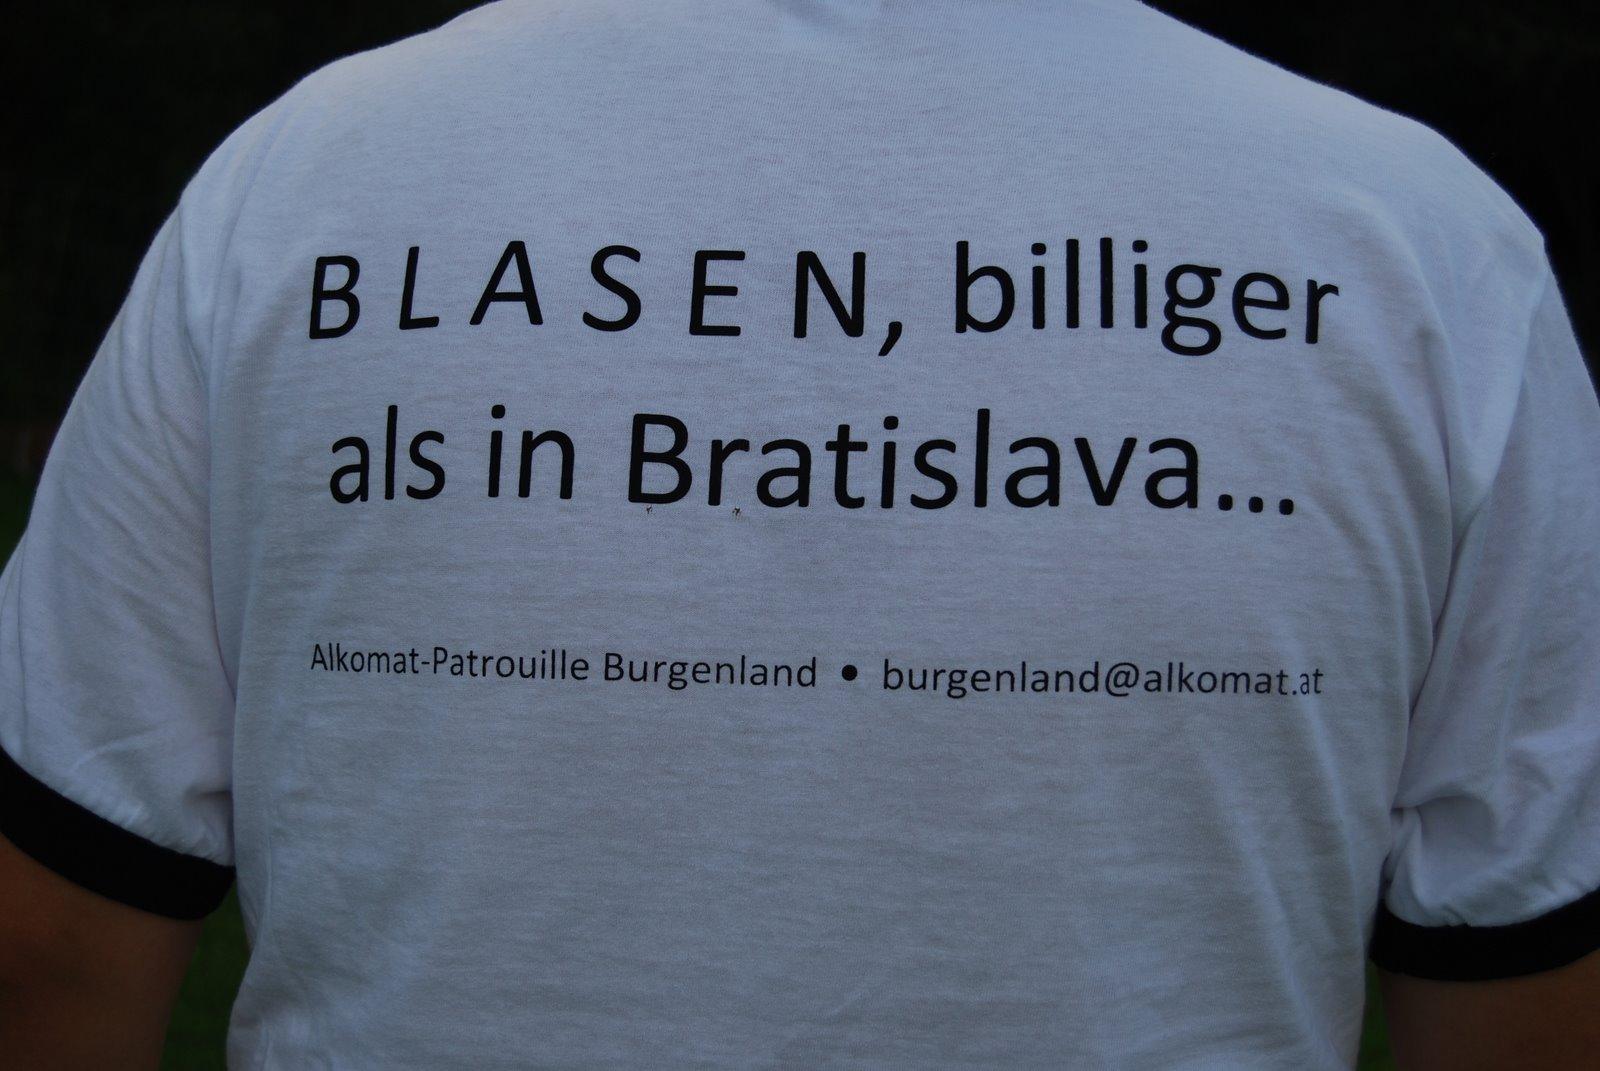 burgenland_4194149167_o